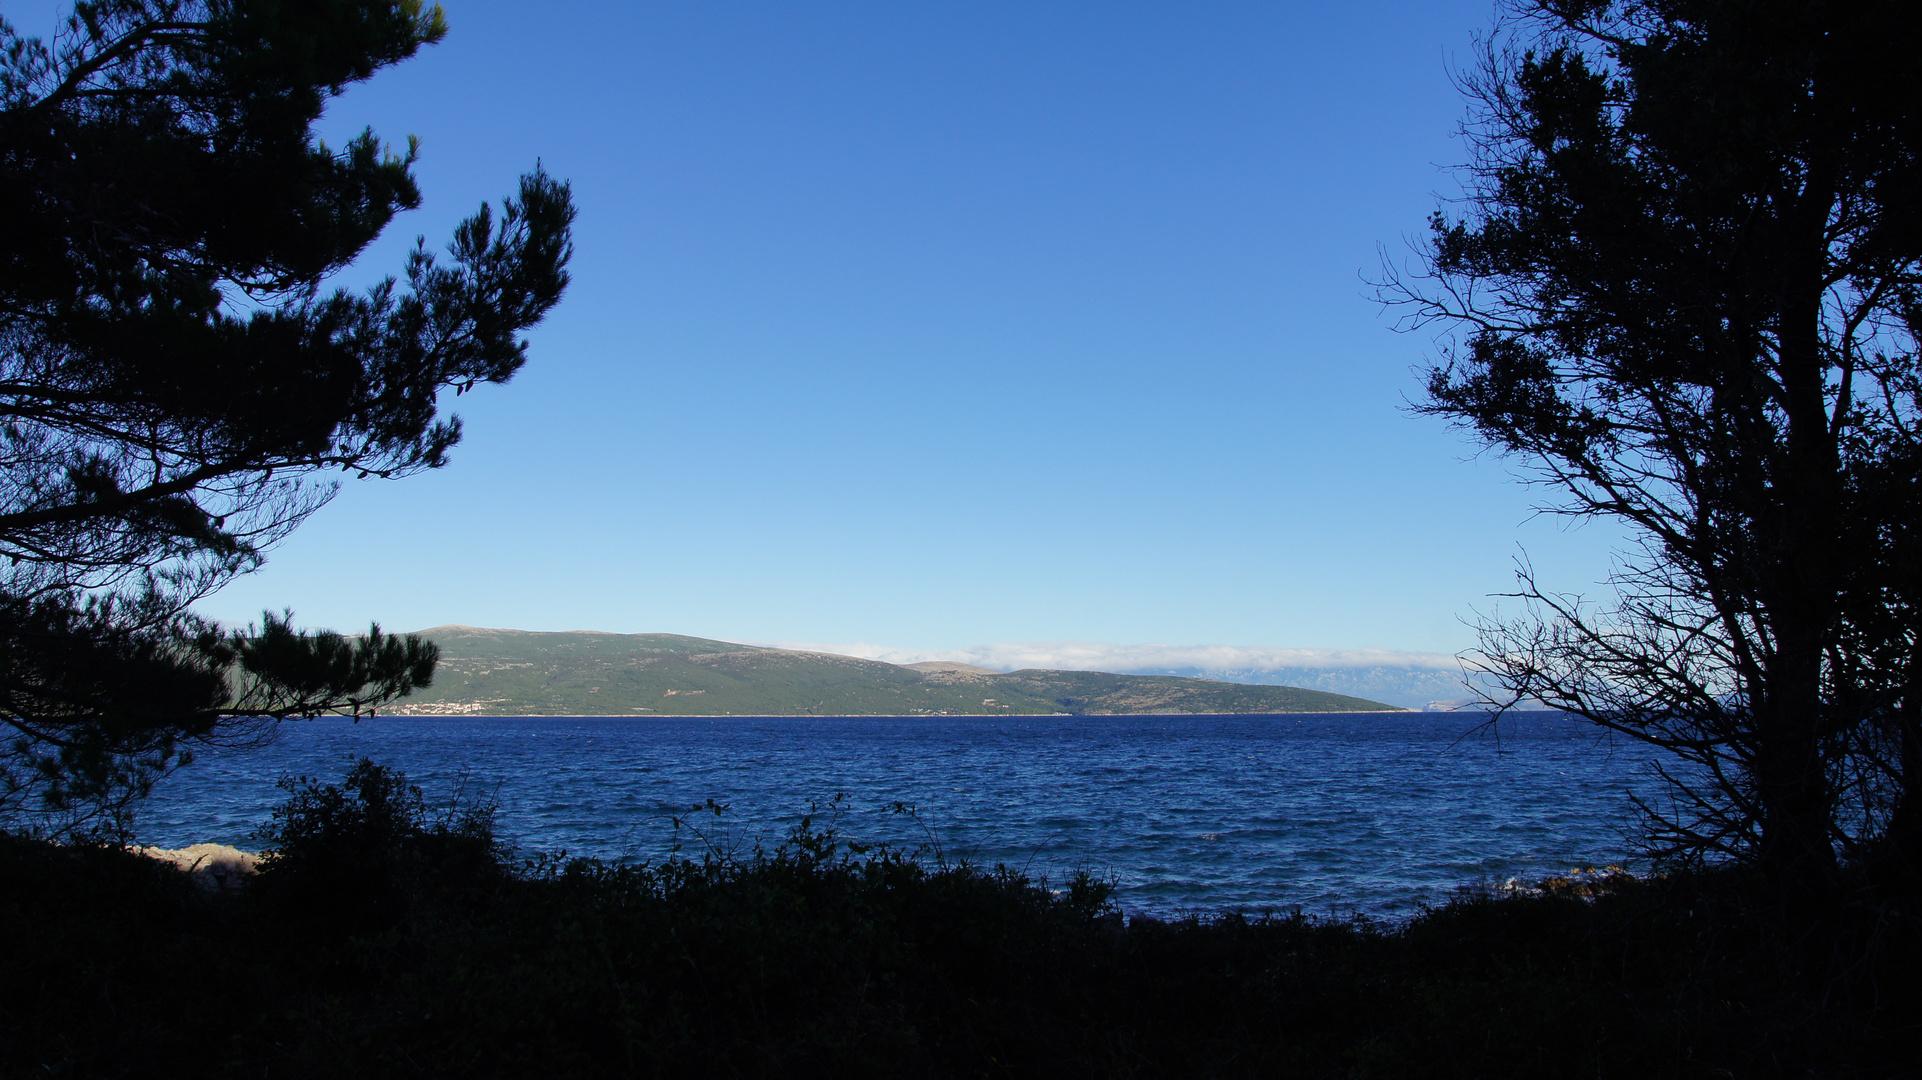 Blick auf die Adria von der Insel Krk